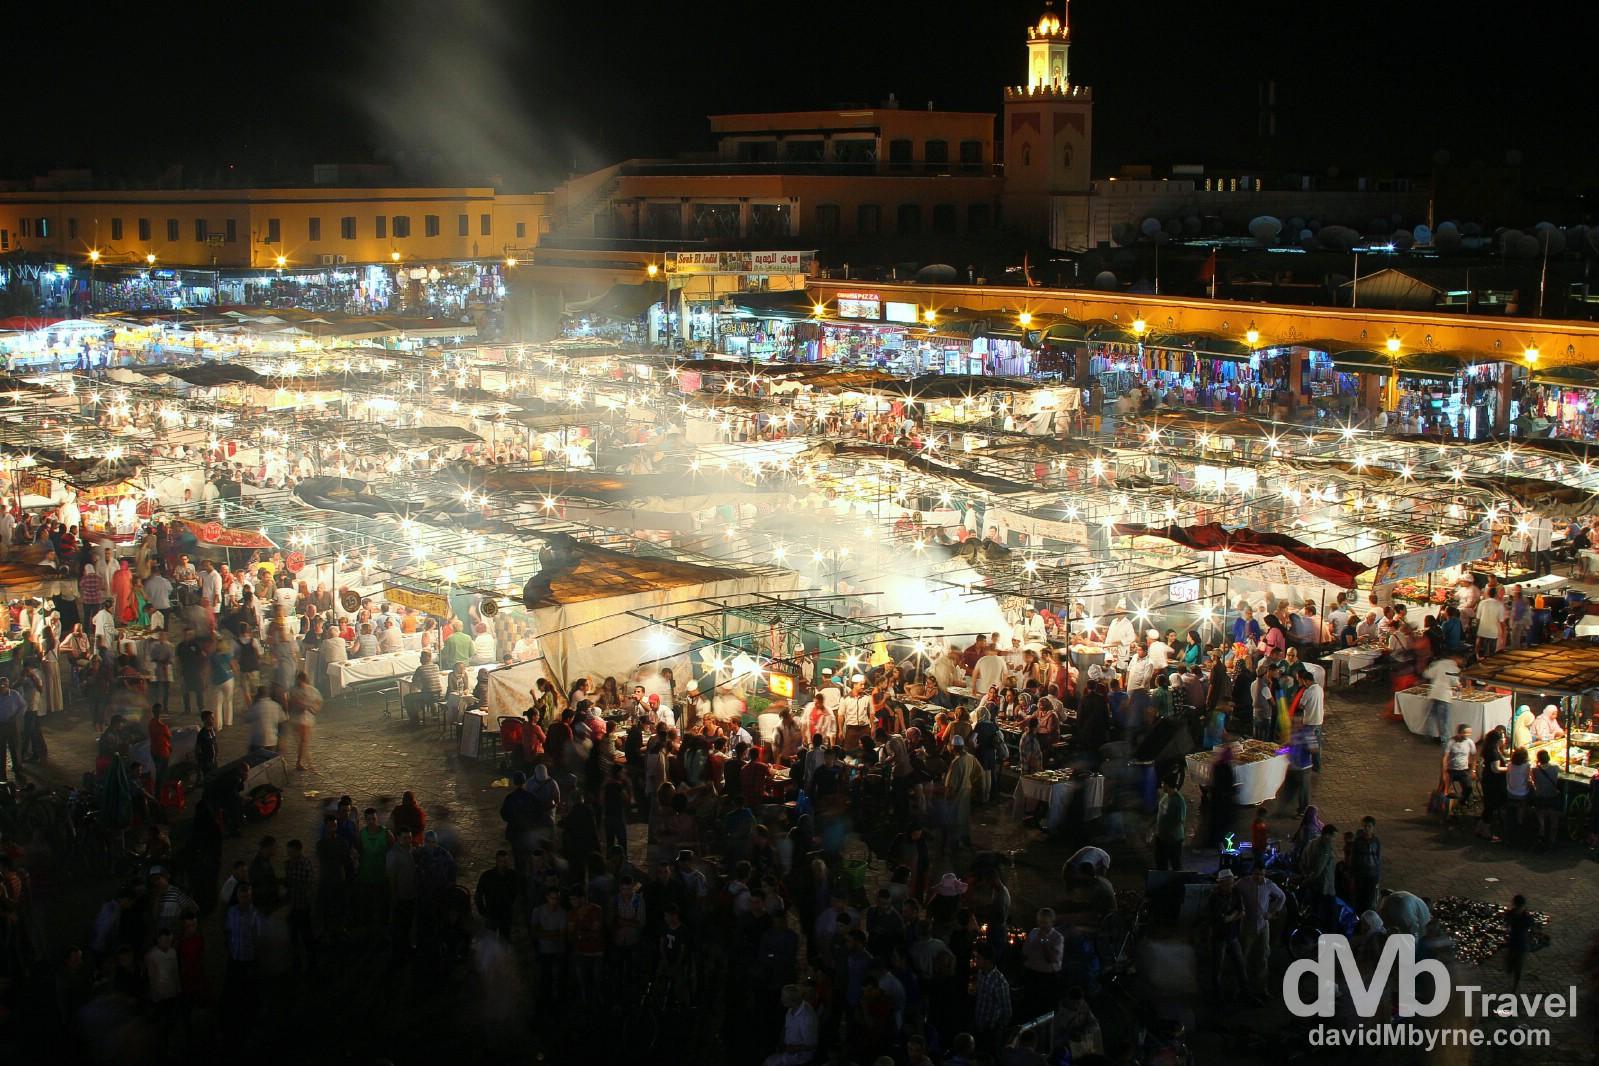 Djemma El-Fna, Marrakesh, Morocco